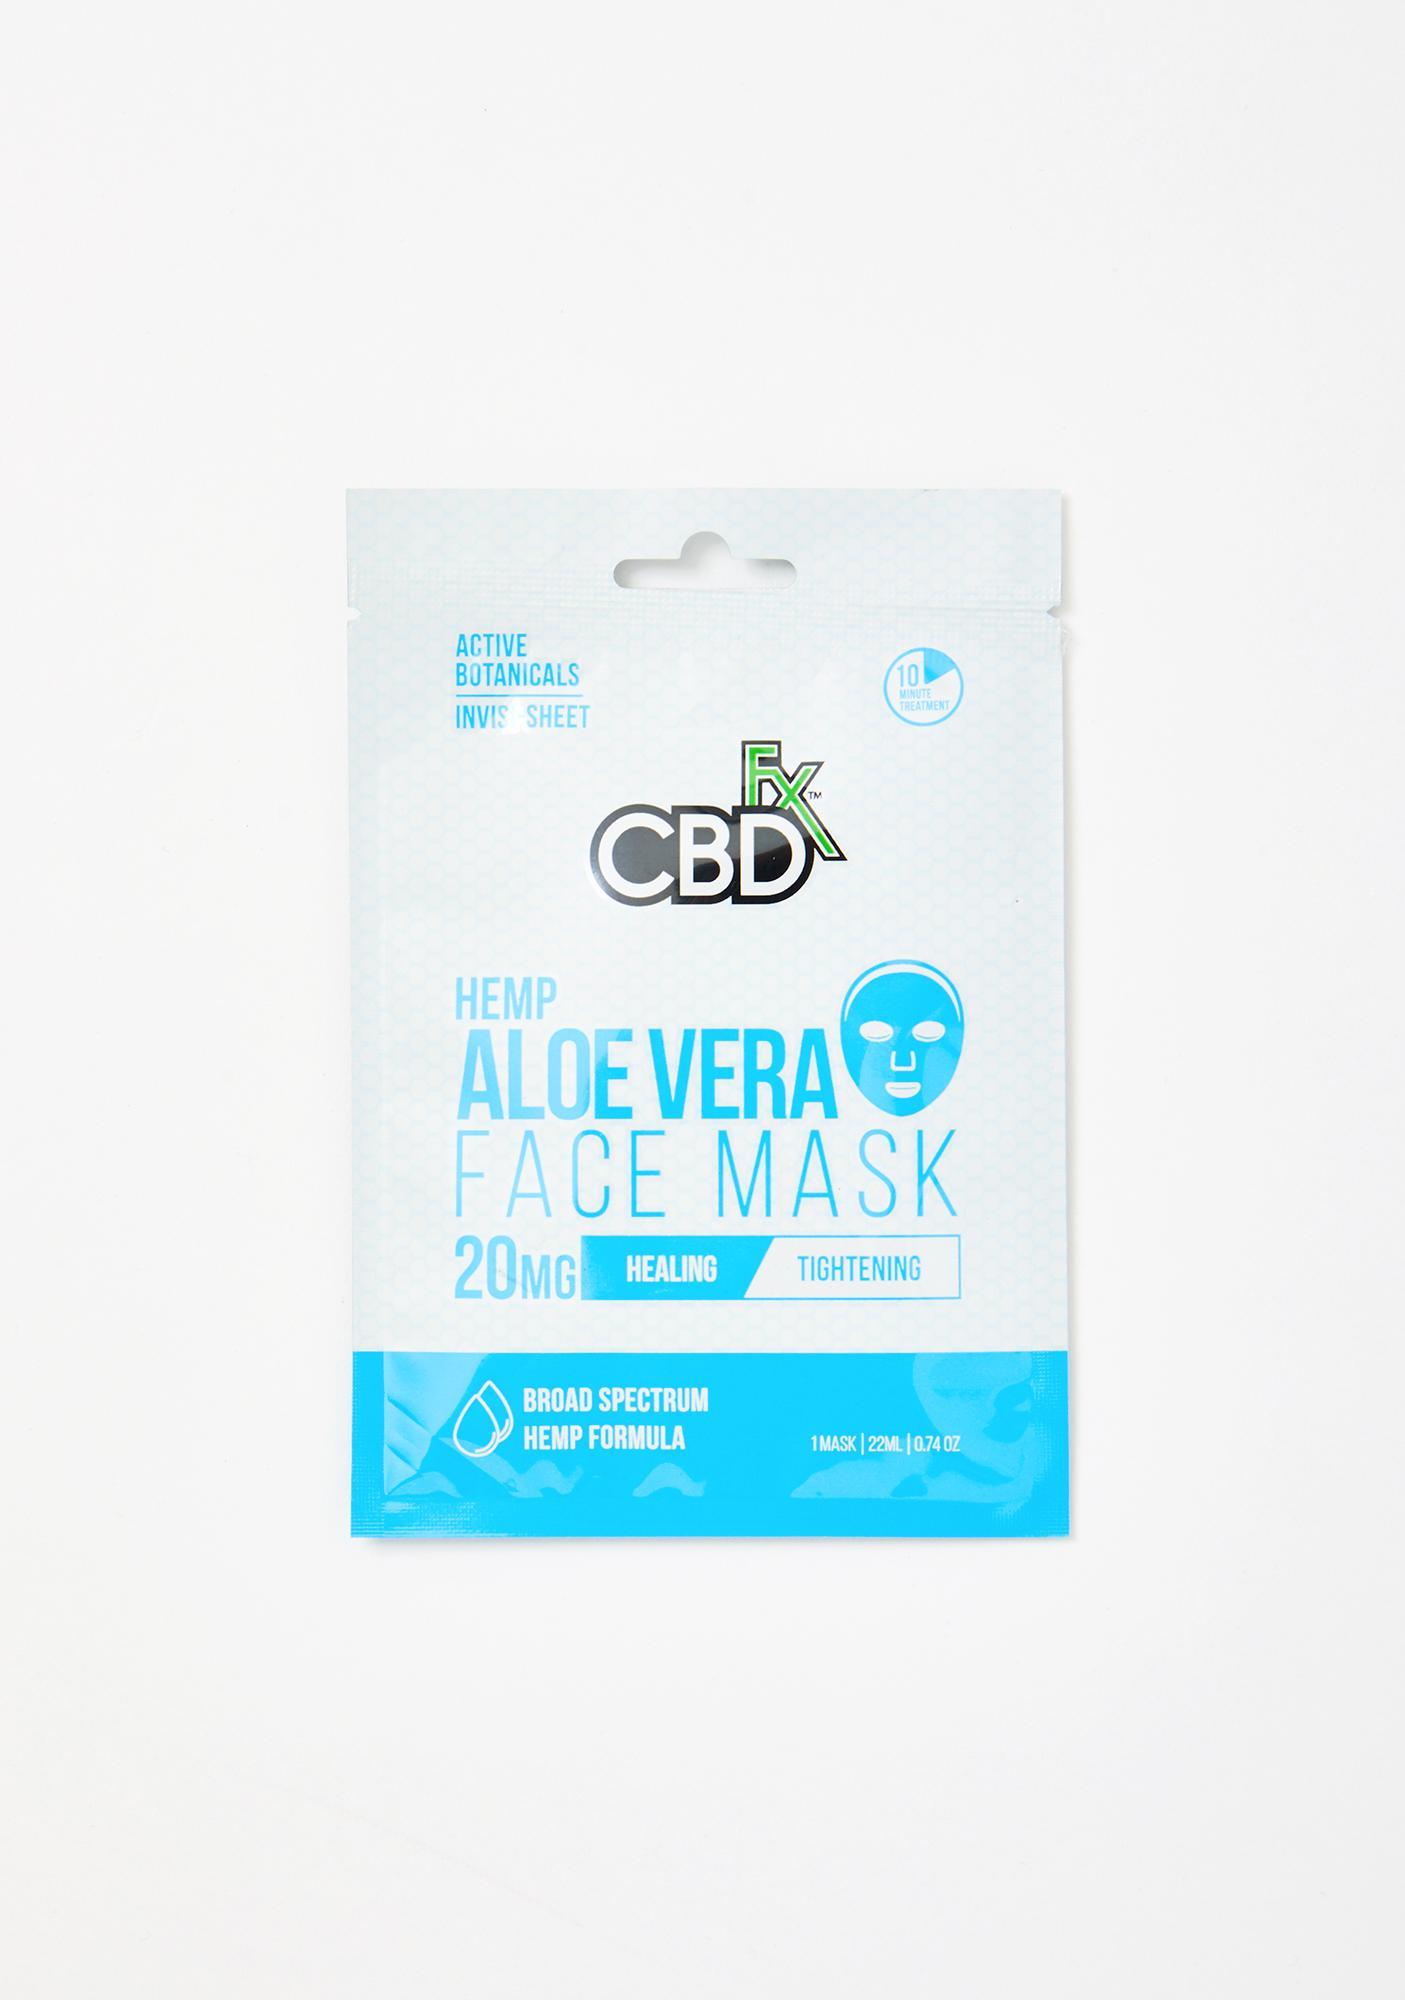 CBDfx Aloe Vera CBD Face Mask